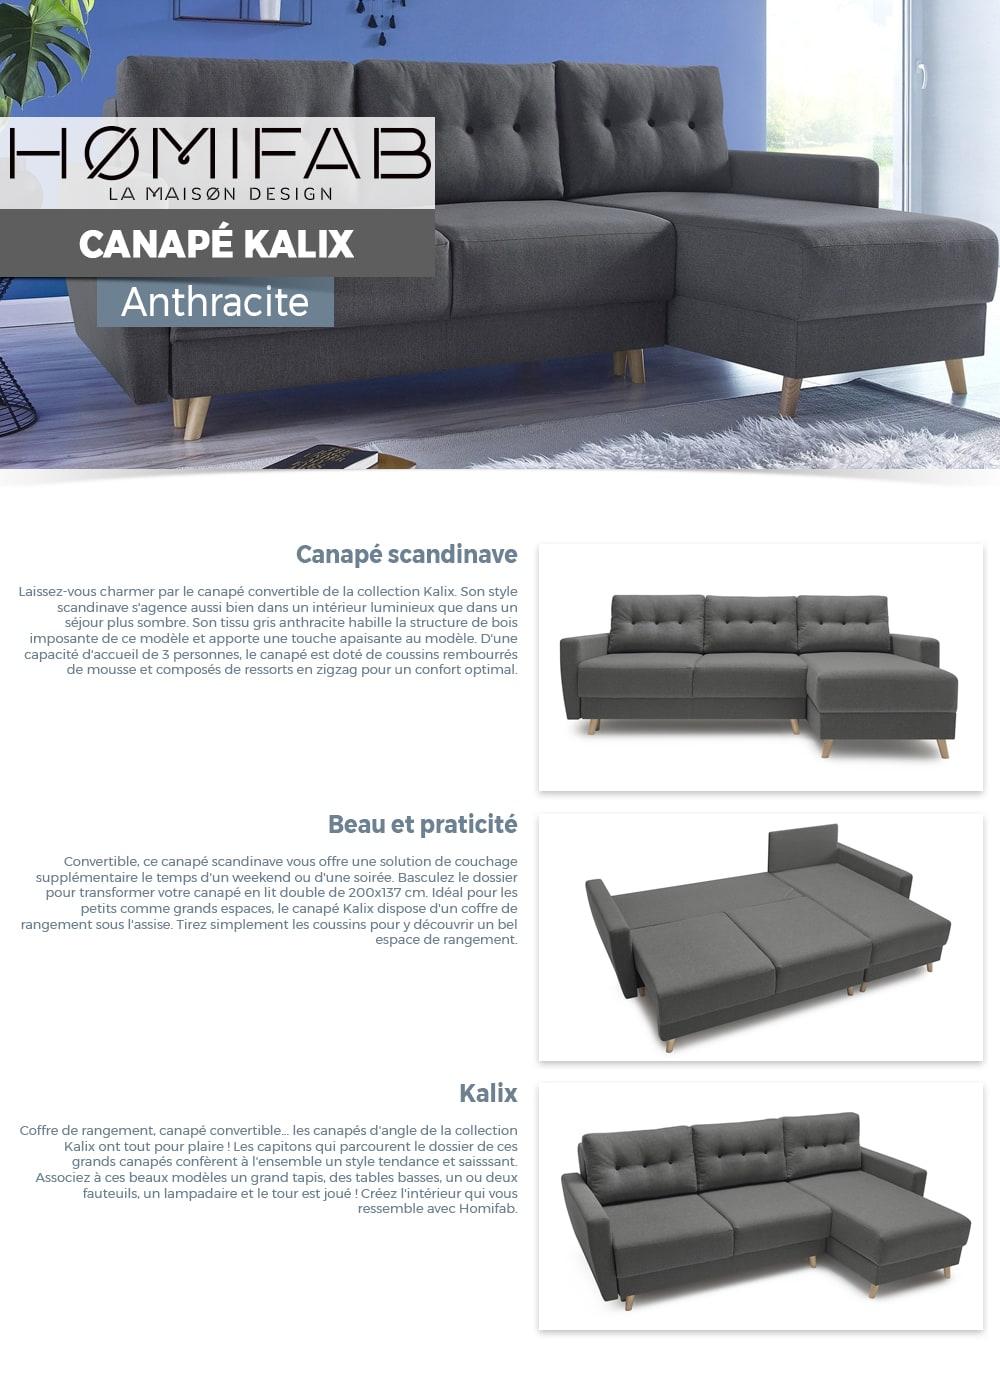 Ressort Zig Zag Canapé Avis canapé d'angle convertible en tissu gris anthracite kalix - avec couchage  140x200 cm, coffre de rangement, angle réversible.